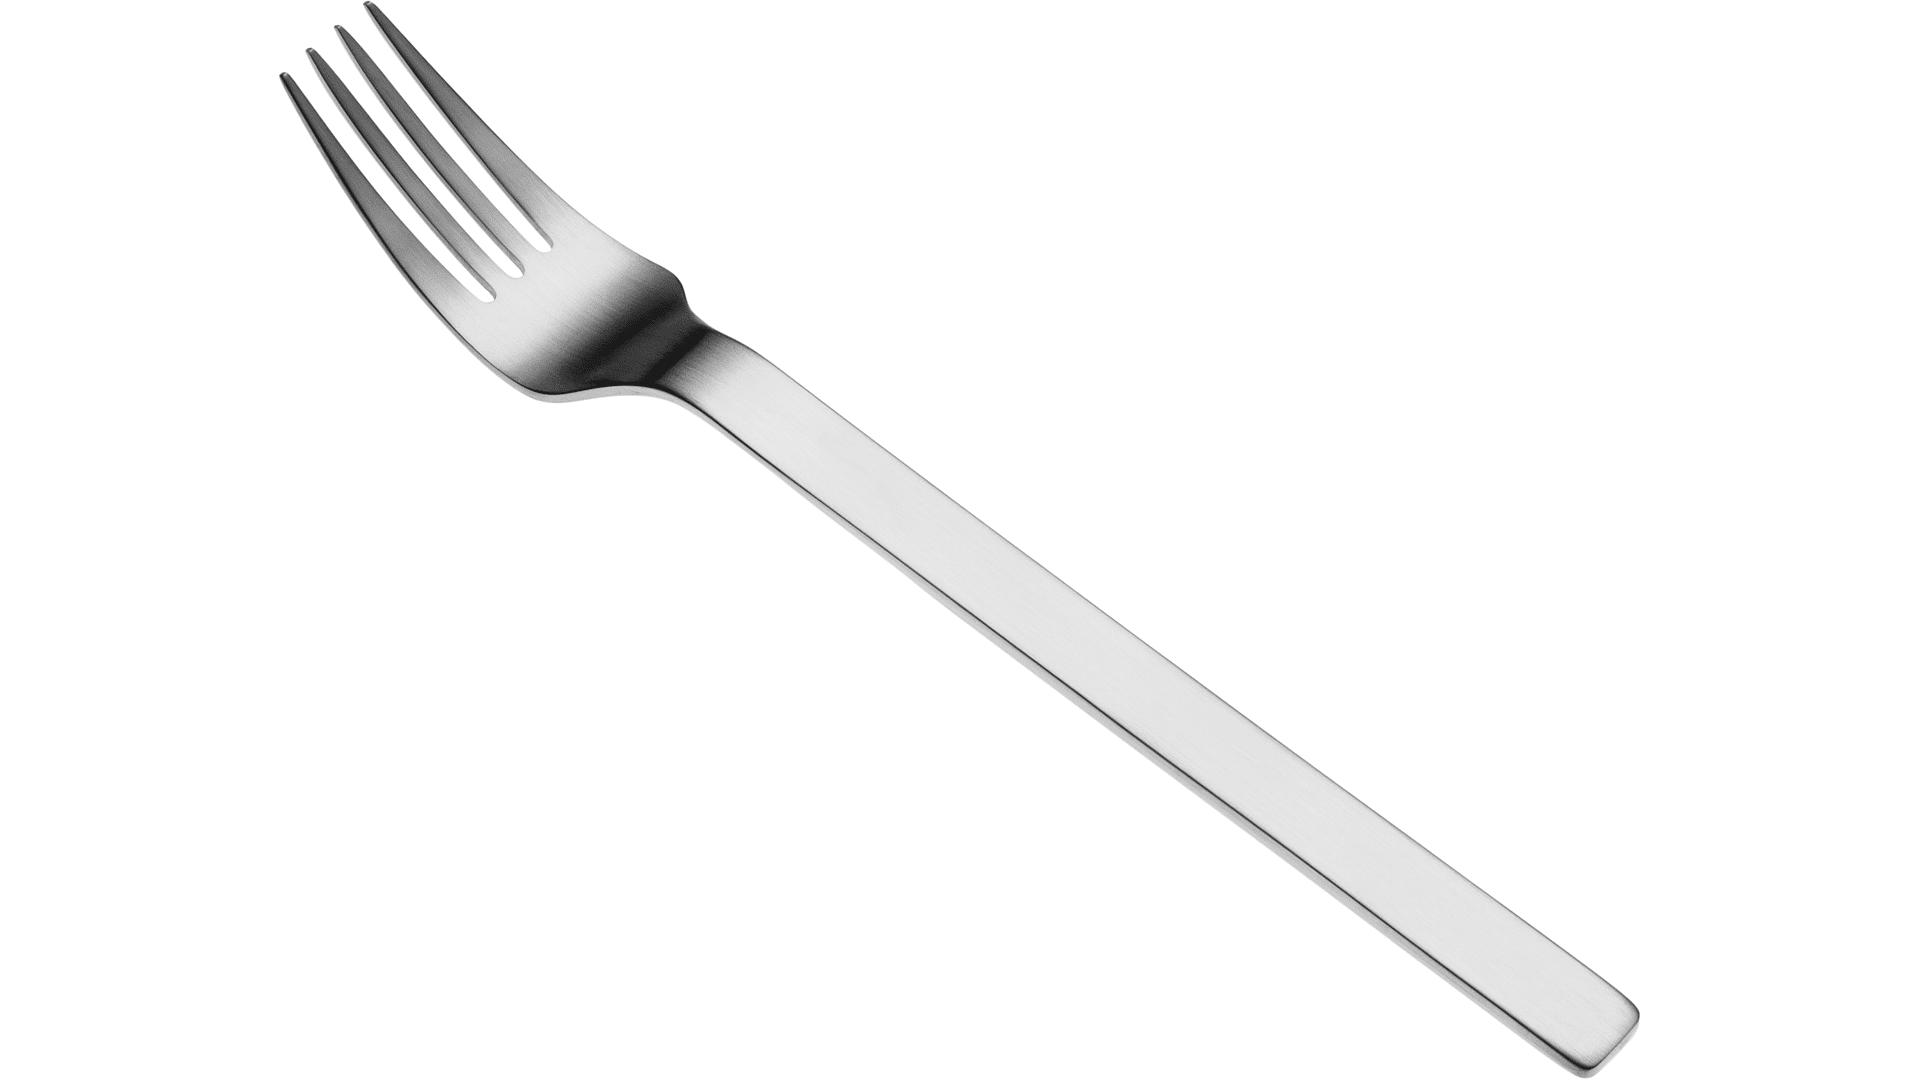 carl-mertens-tafelgabel-neocountry